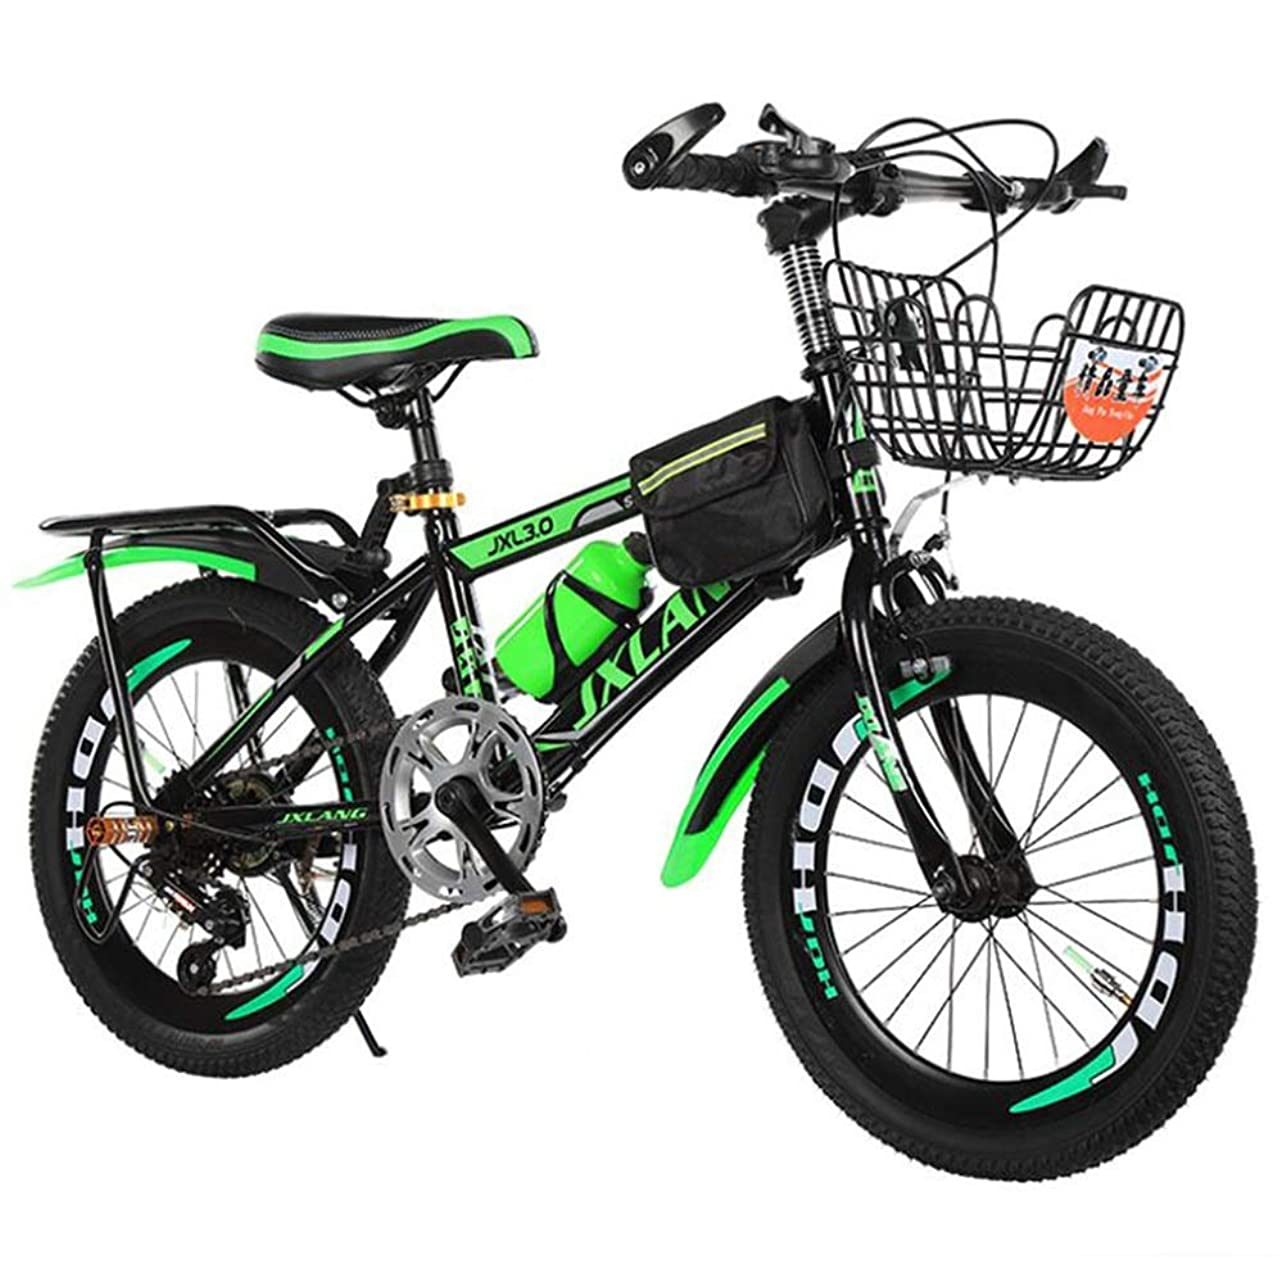 ブラザー利用可能迷信可変速マウンテンバイク、オフロードサイクリング屋外シティロードバイク学生自転車 (Color : Black green, Size : 22inch)